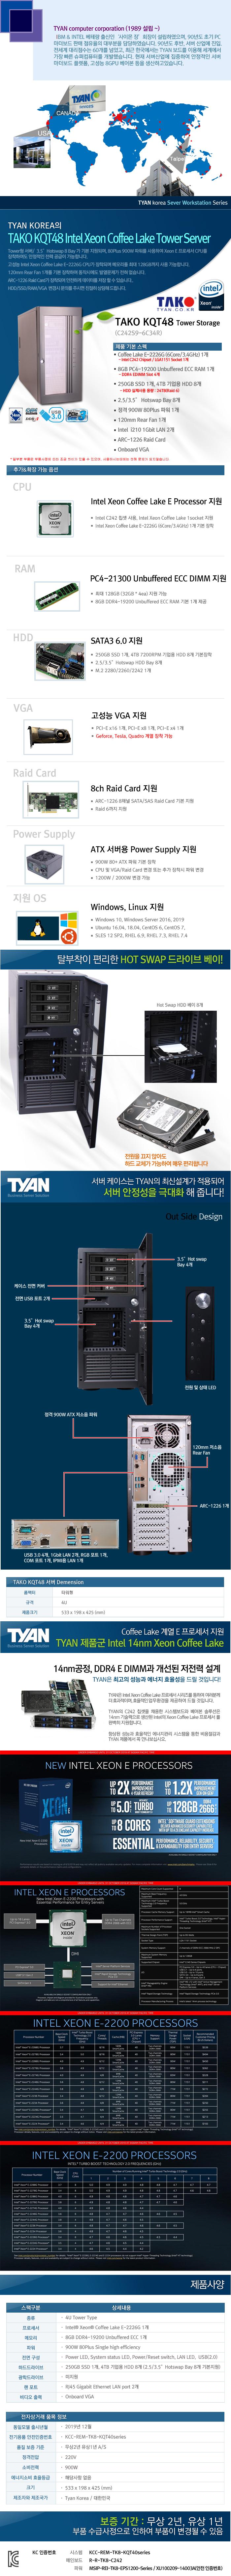 TYAN TAKO-KQT48-(C242S9-6C34R) (8GB, SSD 250GB + 24TB)